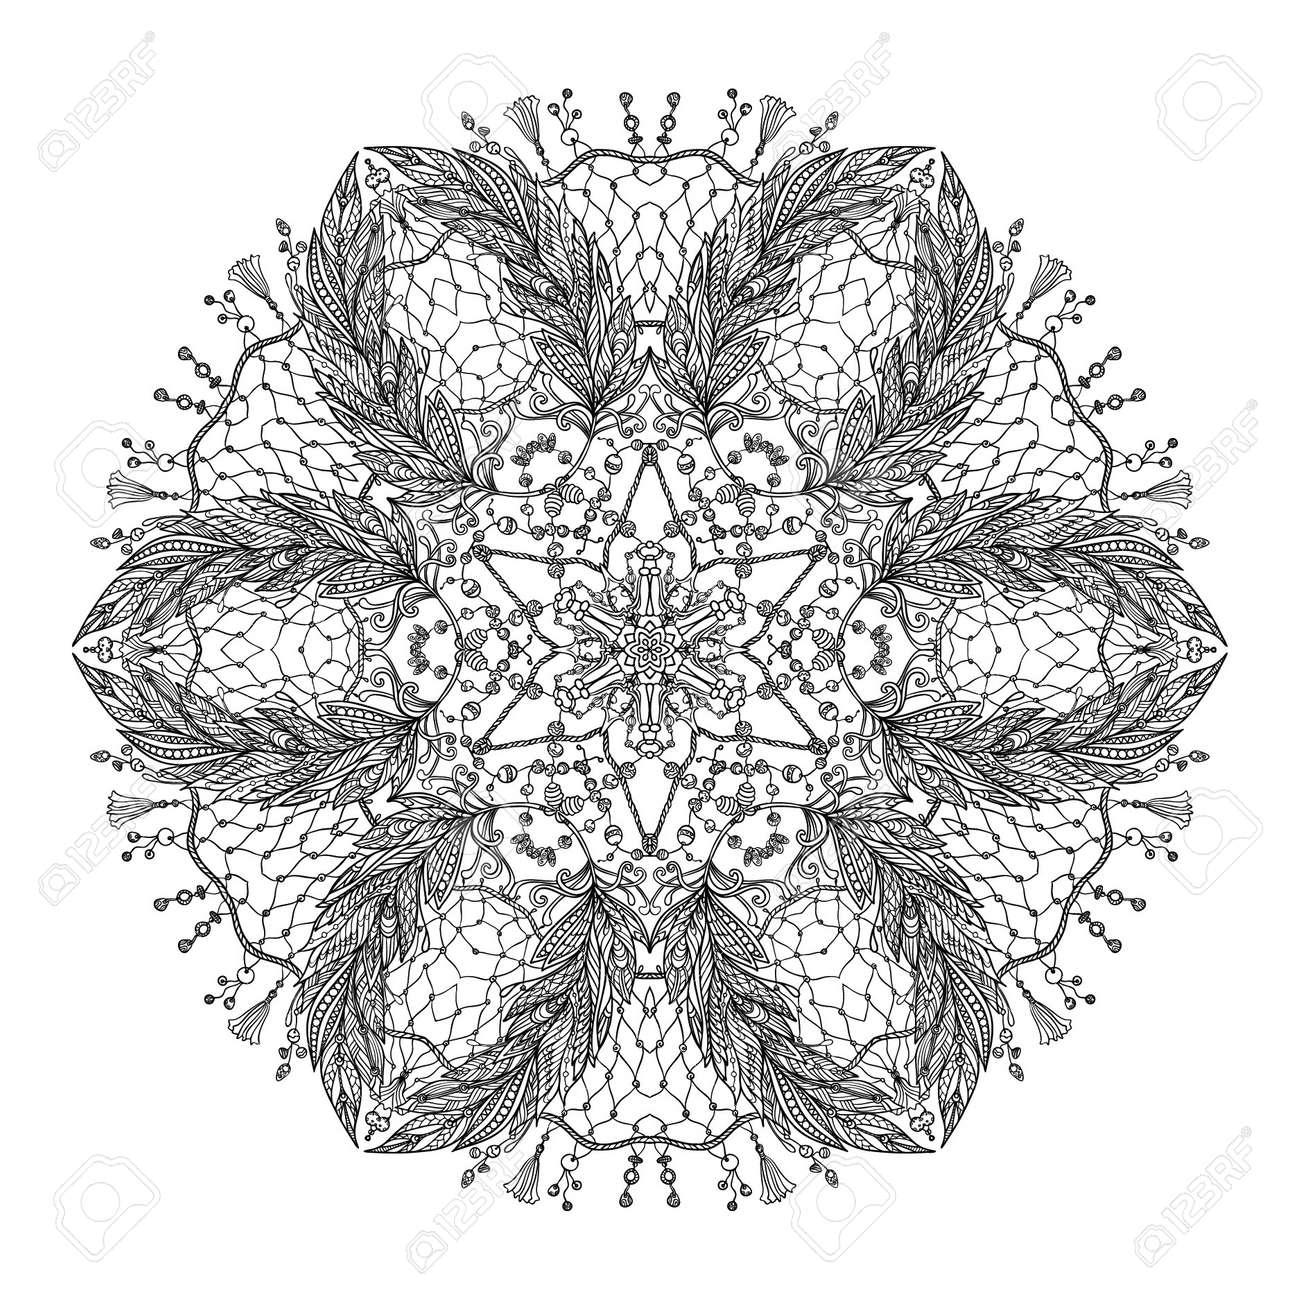 Vettoriale Mandala Di Mare Con Conchiglie Coralli E Pesci Libro